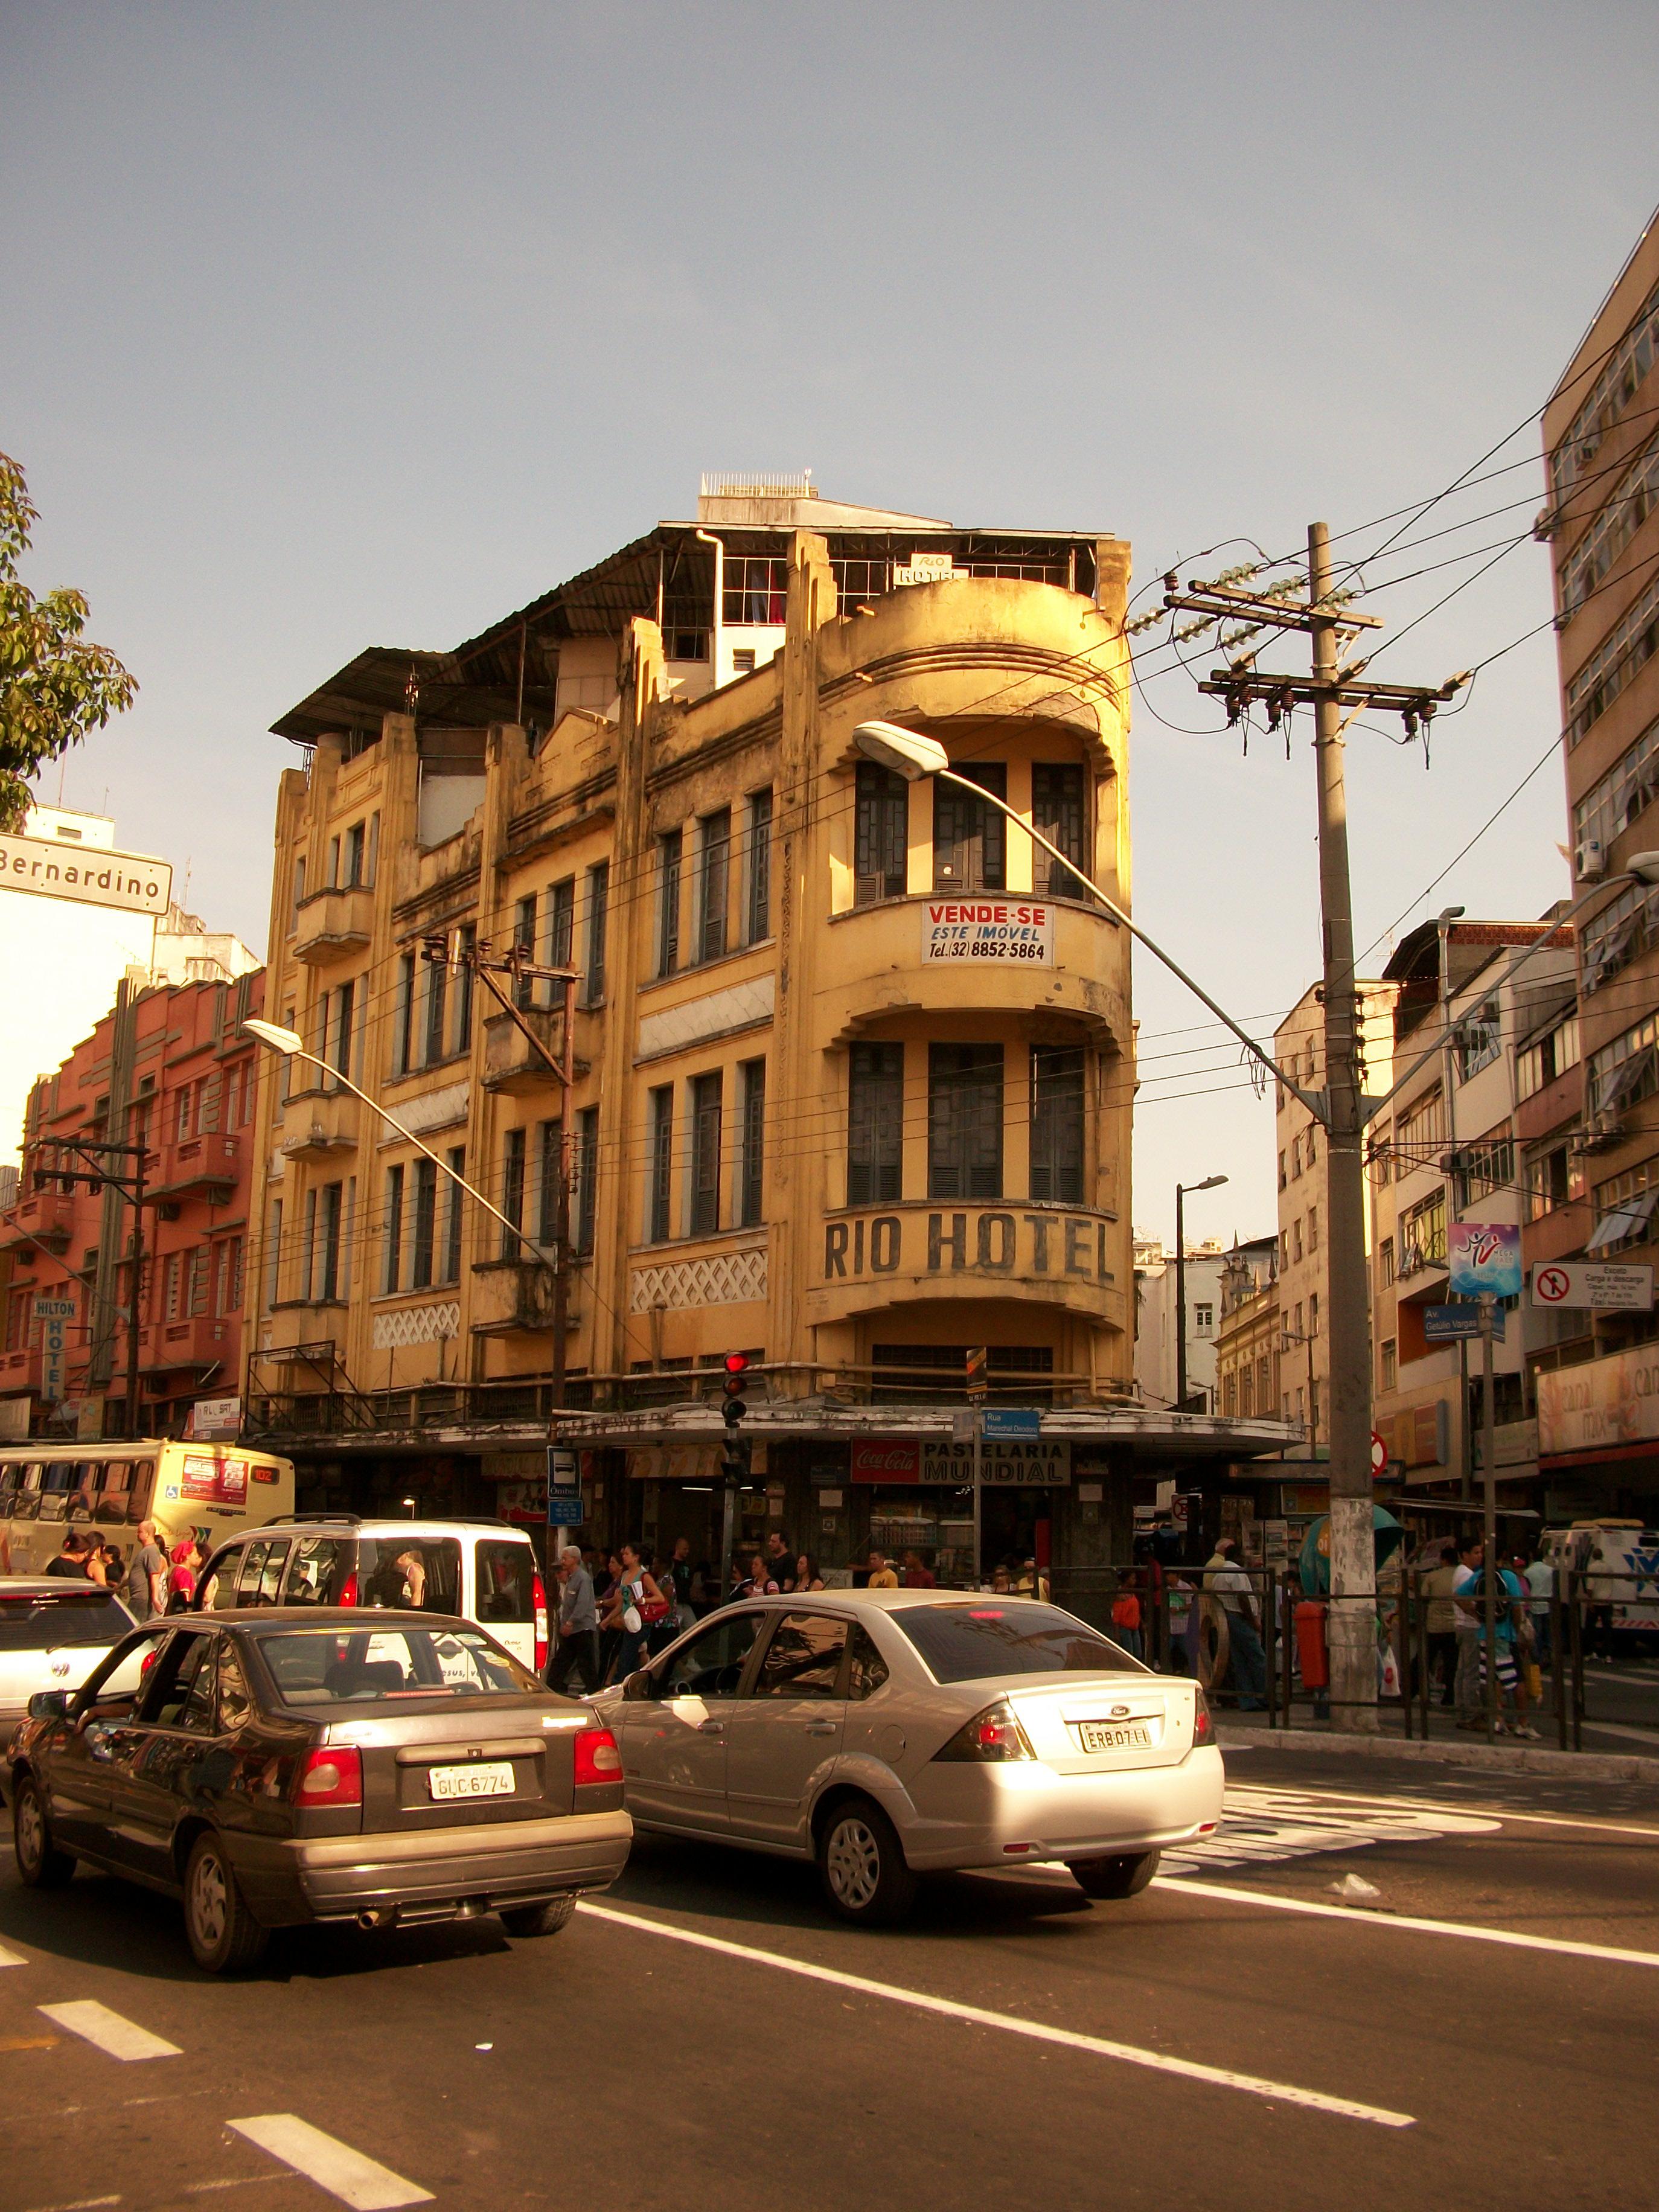 FileRio Hotel Na Esquina Da Avenida Getlio Vargas Com A Rua Batista De Oliveira